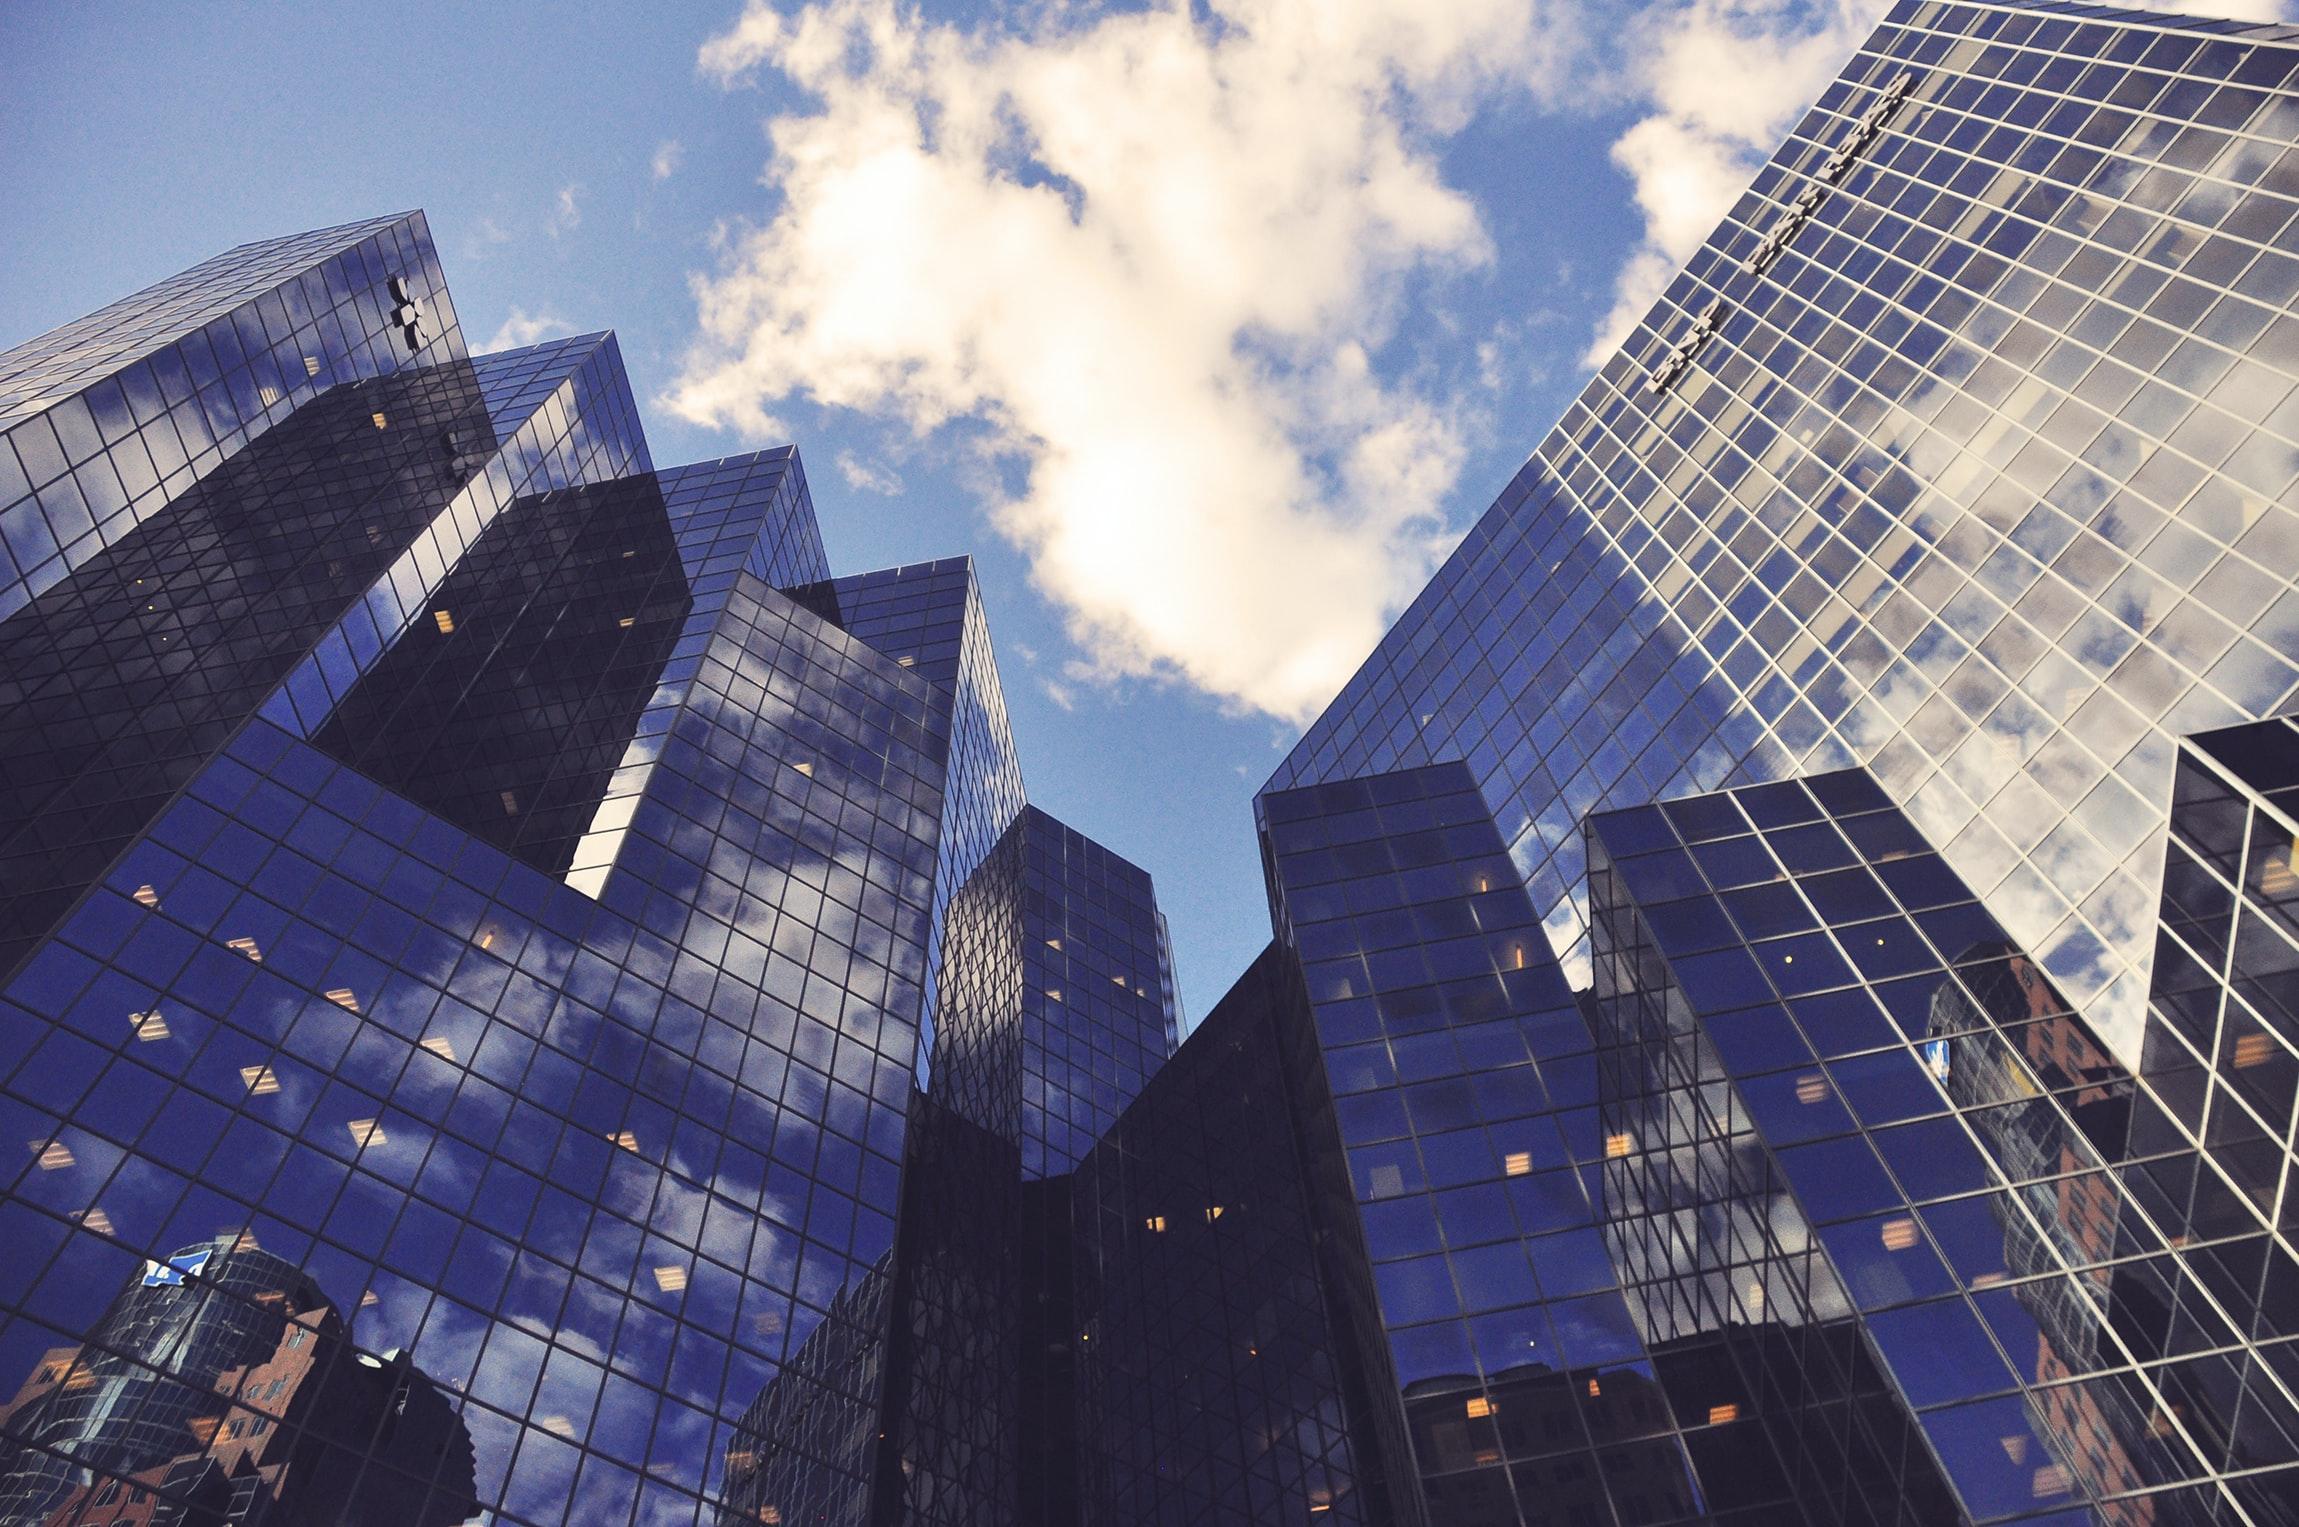 Правительство предложило внести коррективы в порядок аккредитации филиалов иностранных компаний